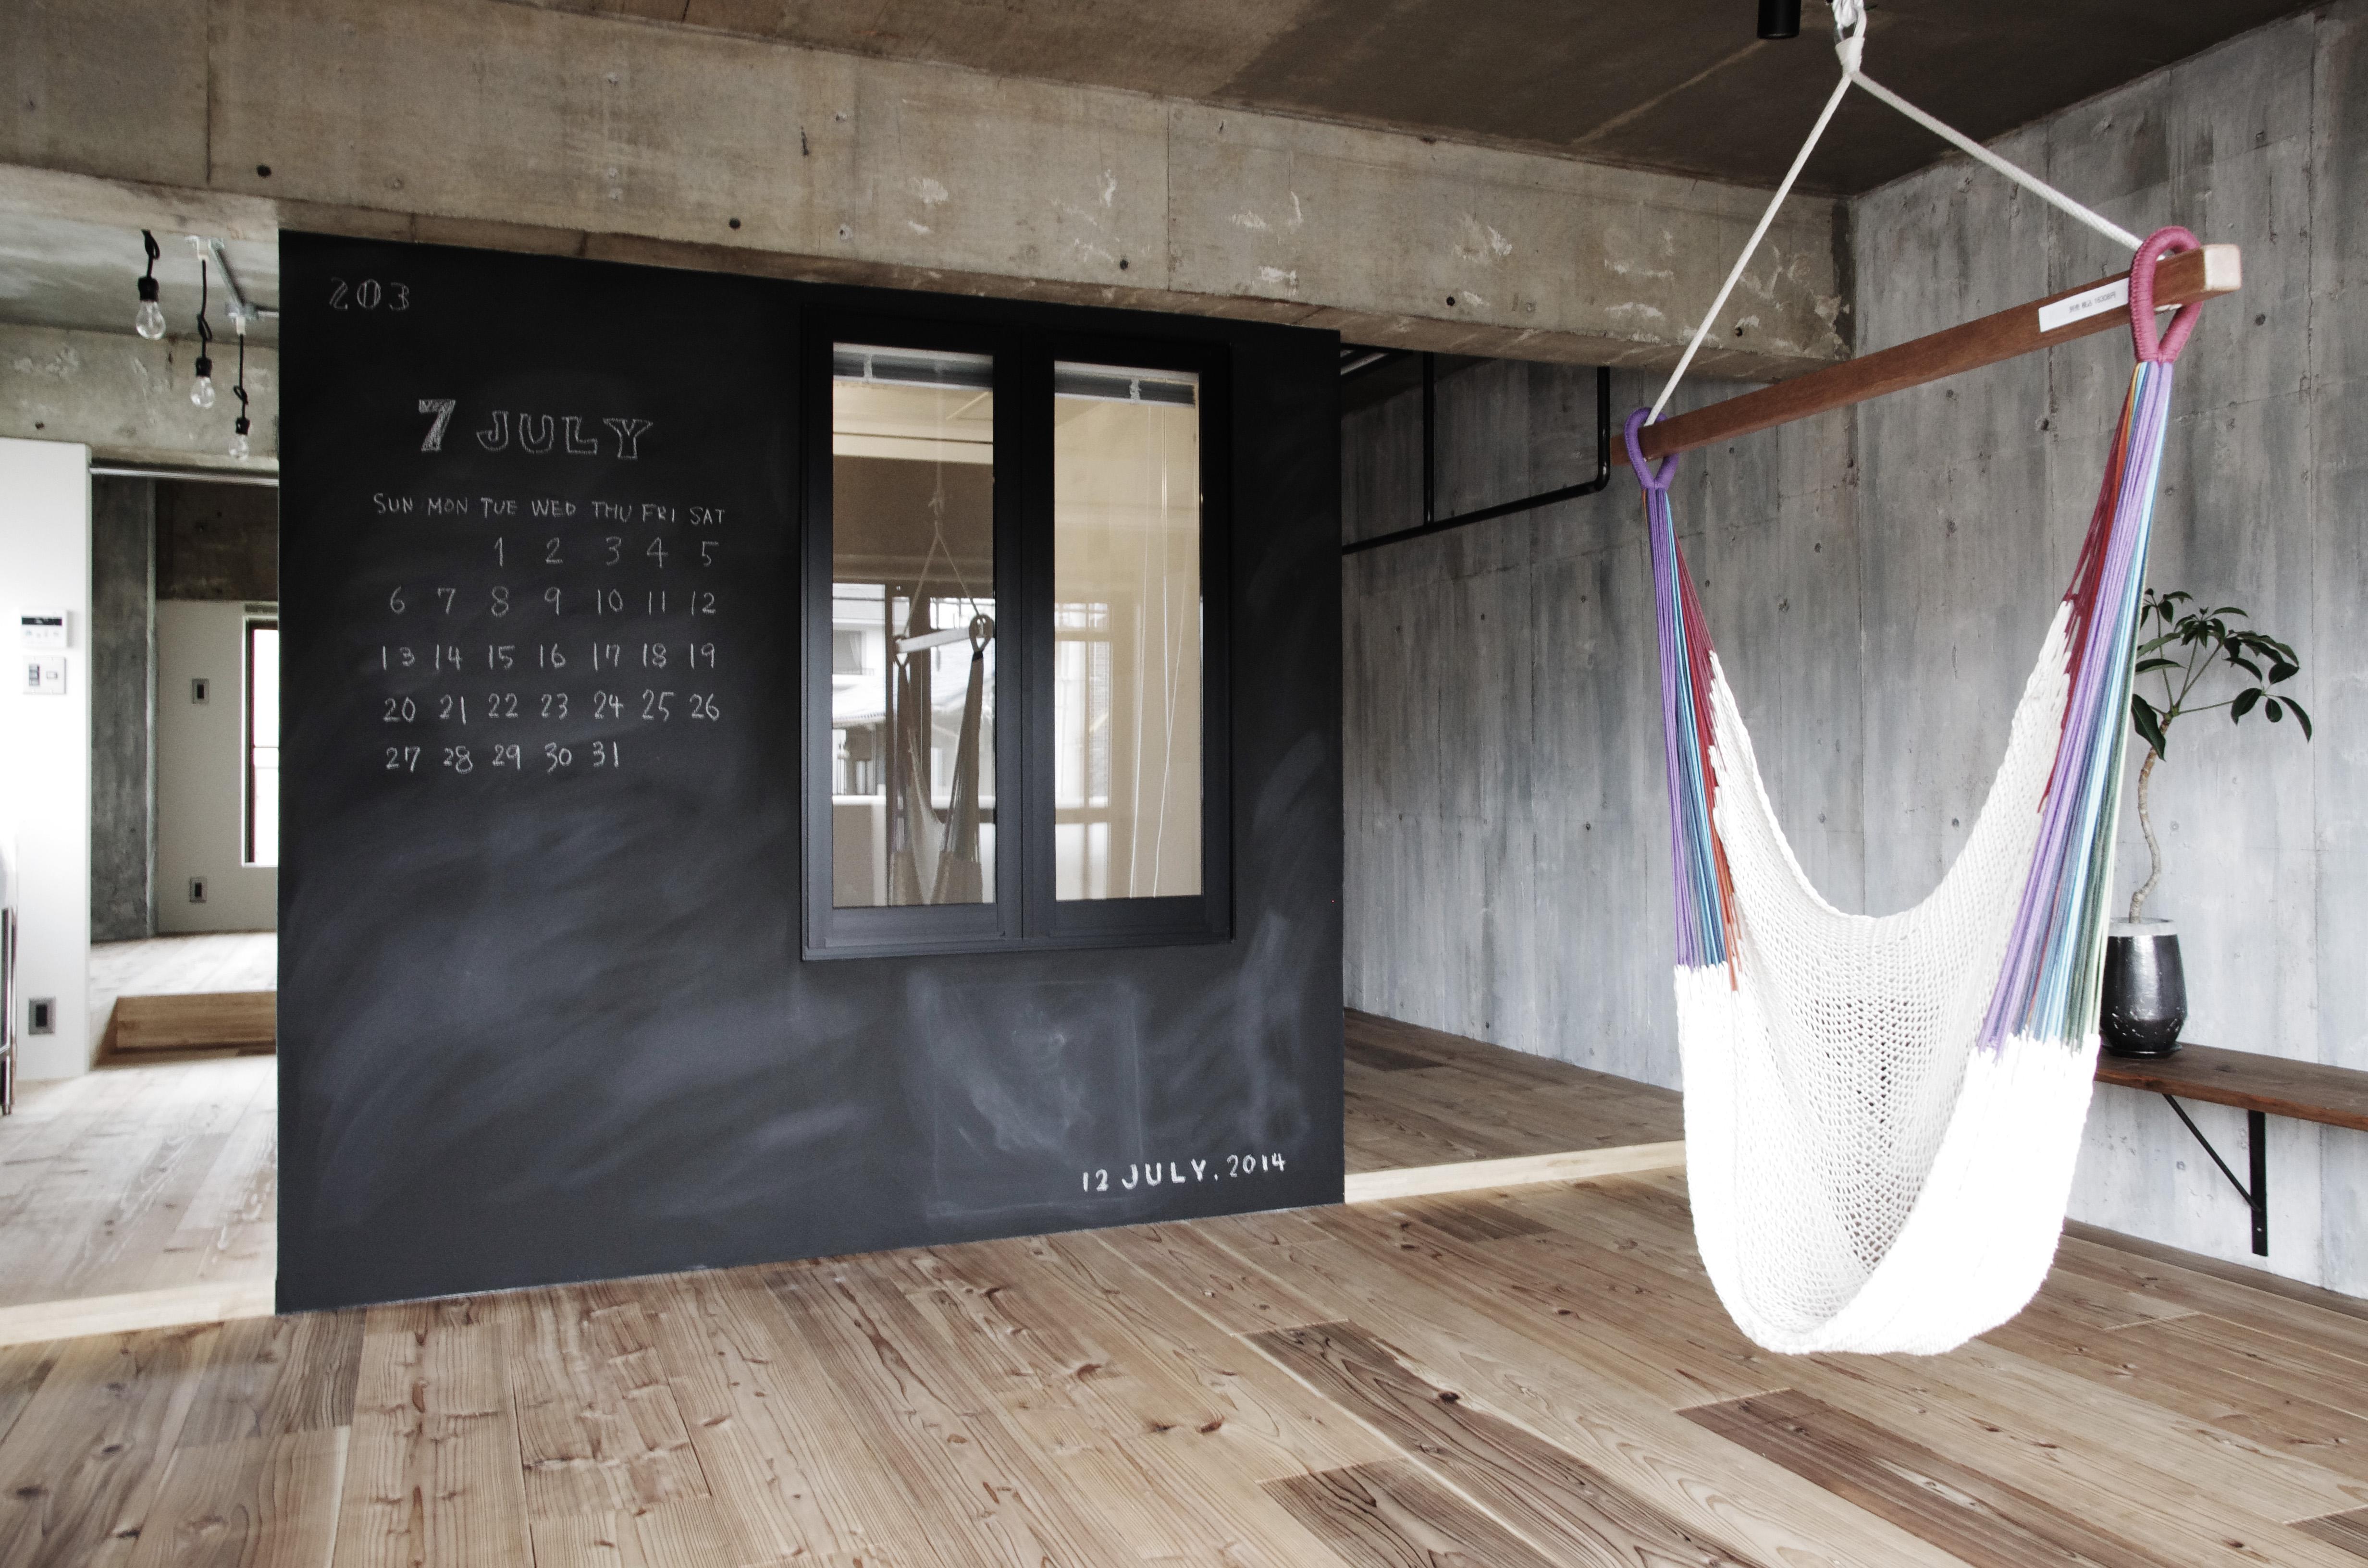 シェアハウス名古屋 | D-FLAT | 社会人限定